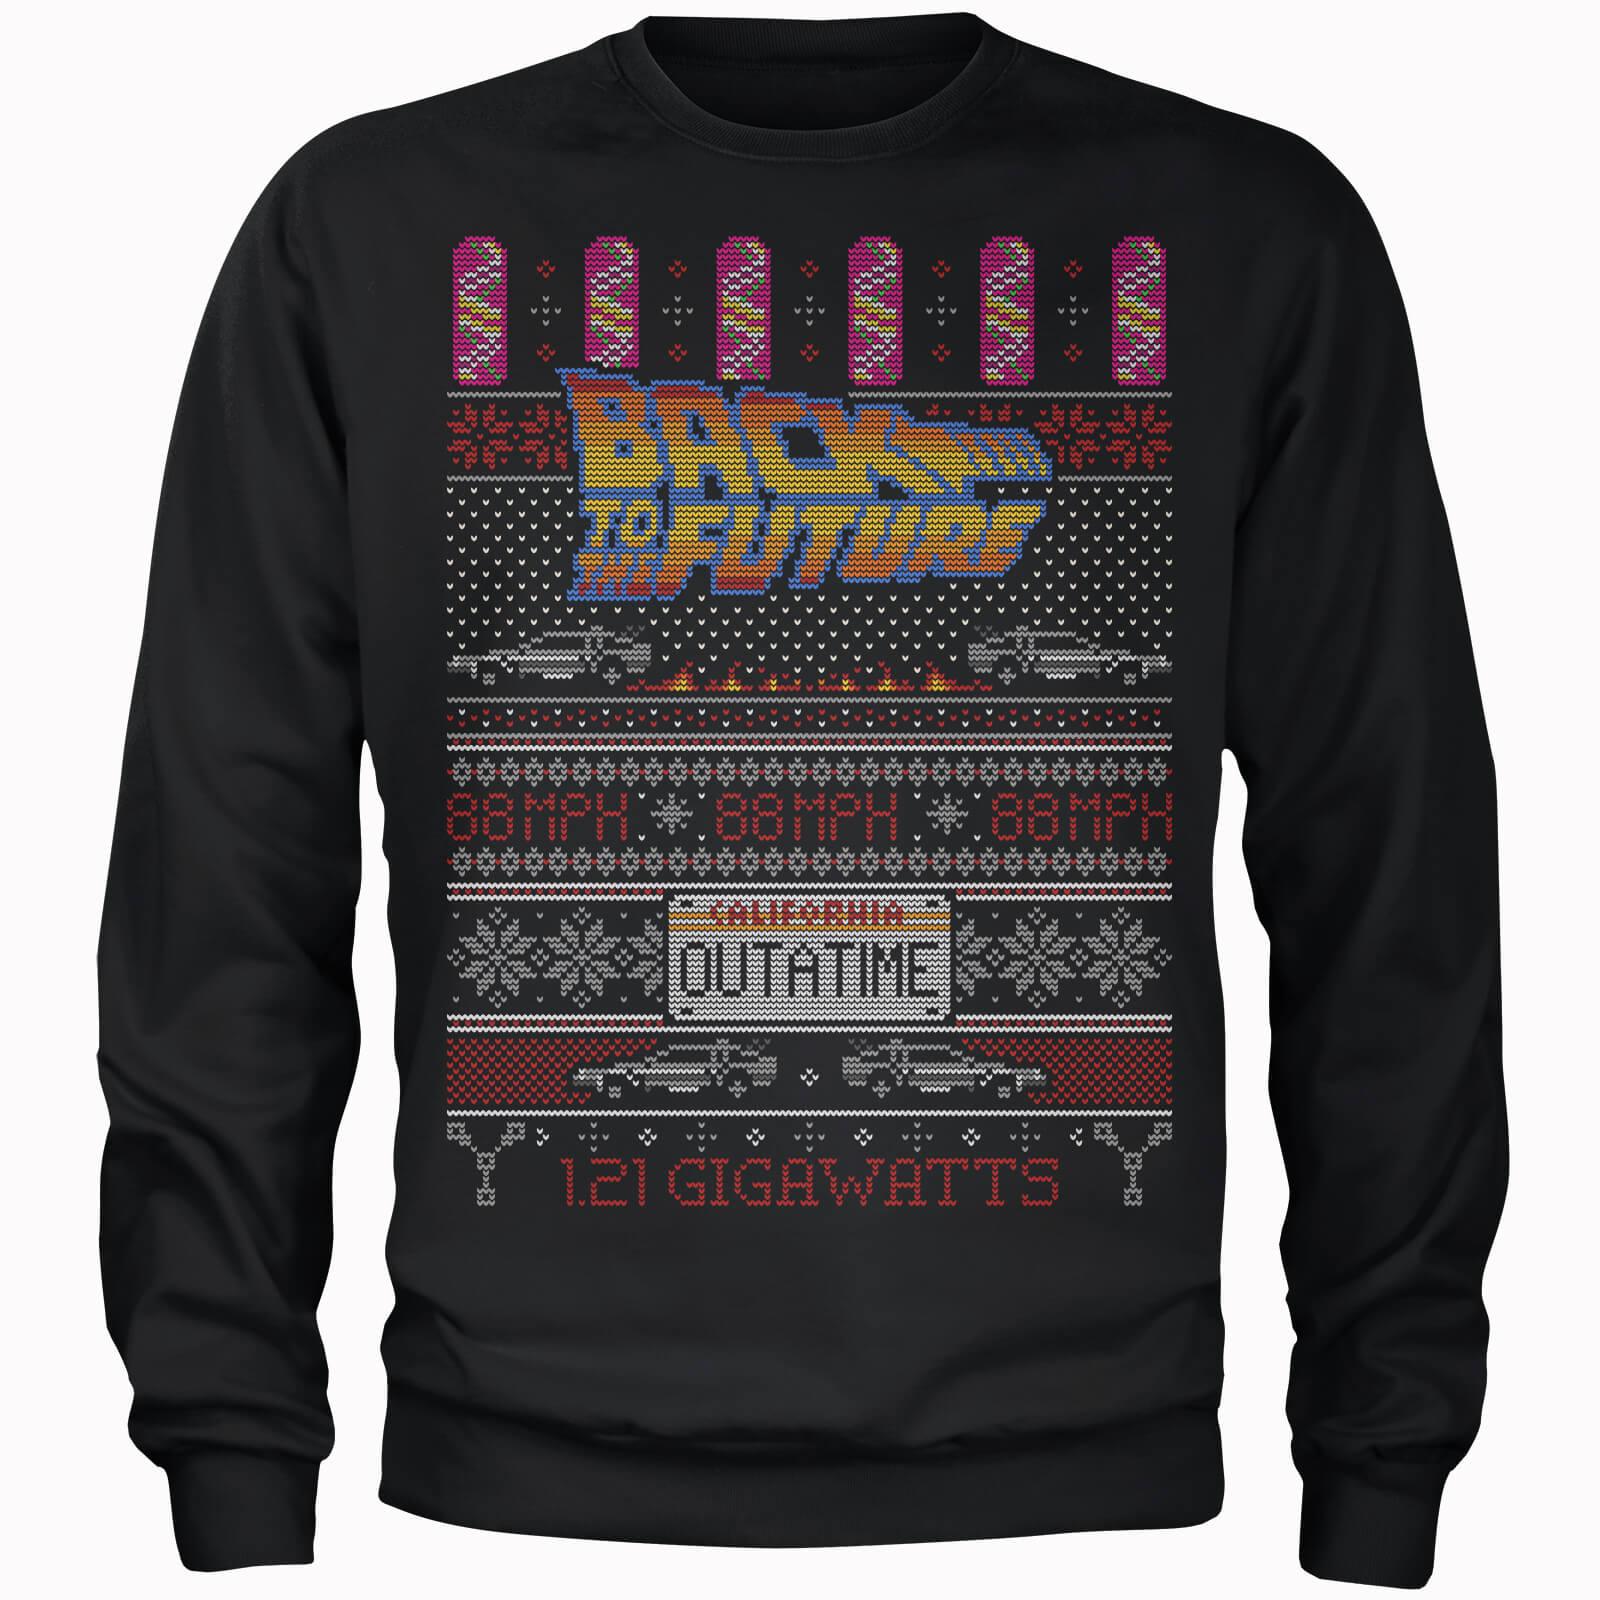 40% korting op hoodies & sweaters van bekende franchises (Nintendo, Star Wars, Disney etc.) @ Zavvi